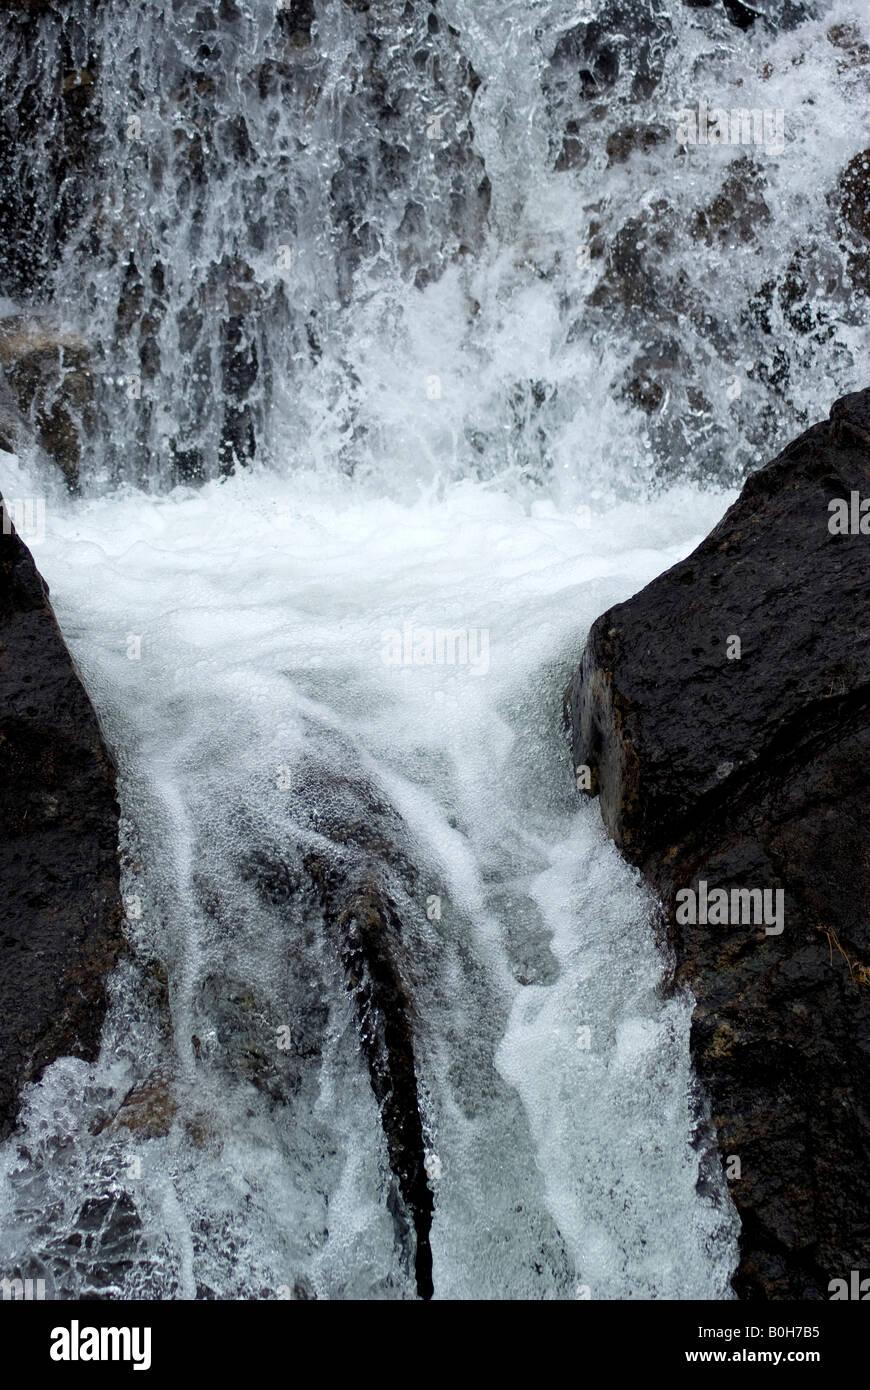 Between the rocks - Stock Image